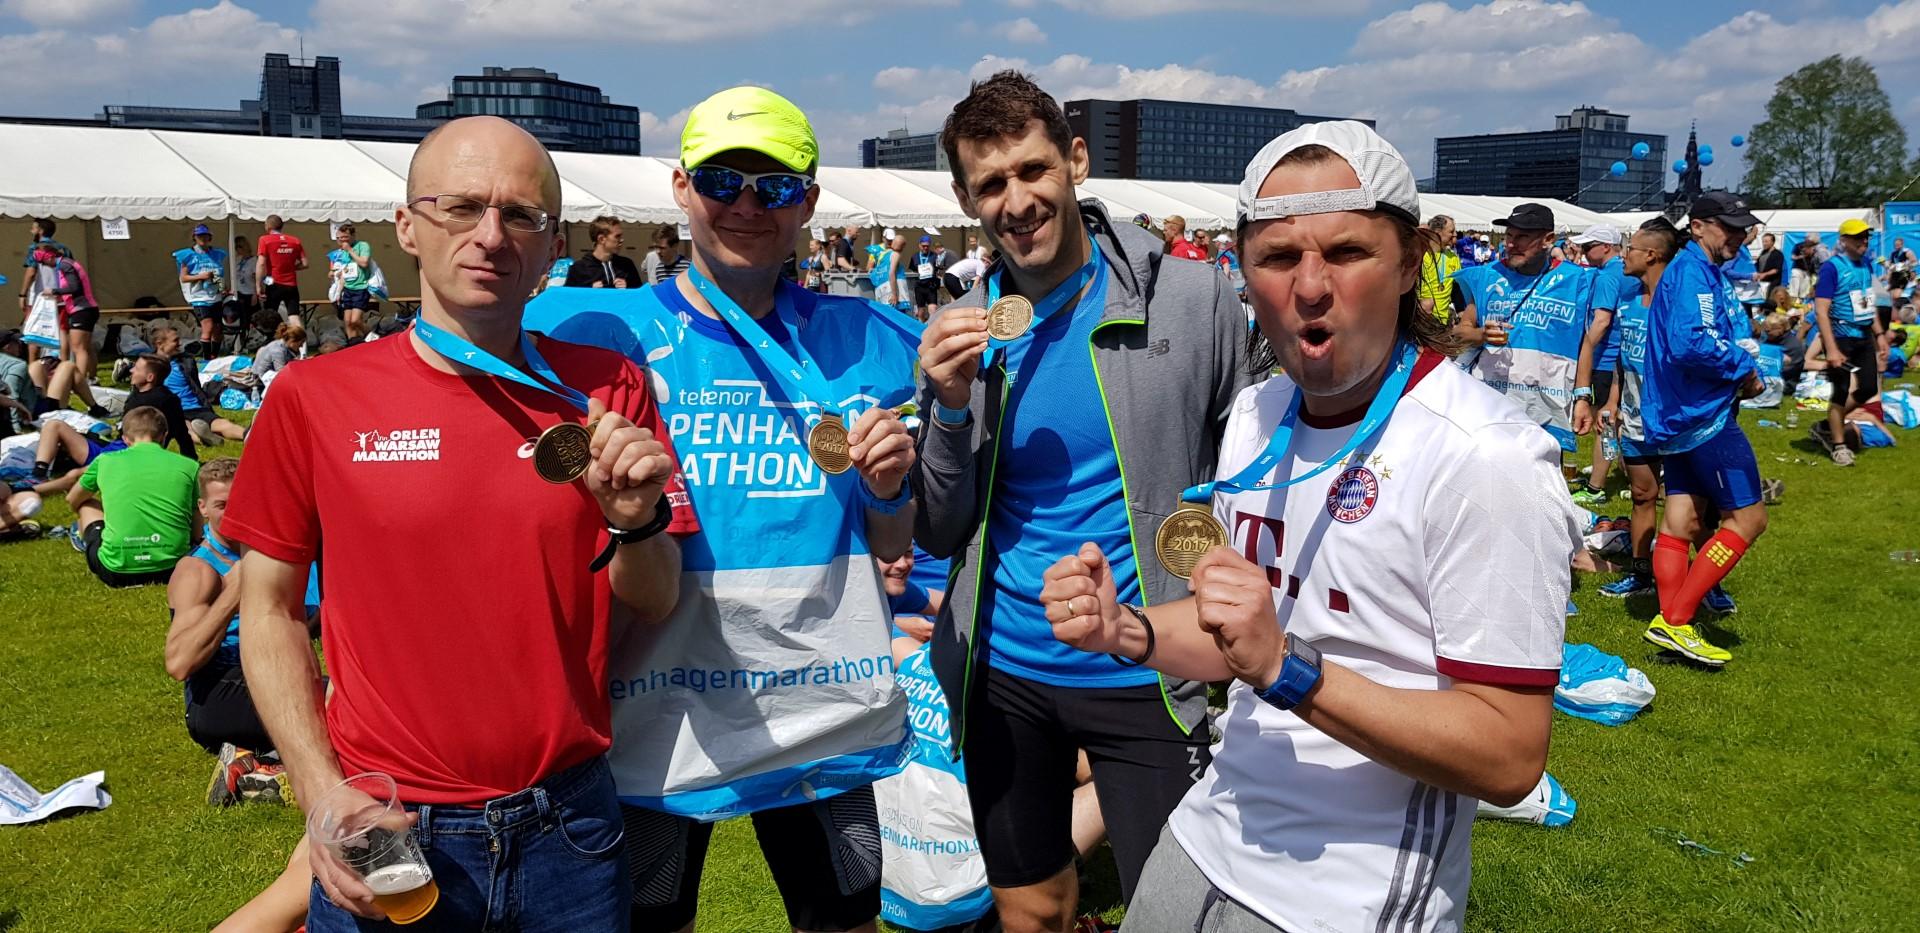 i na mecie Kopenhaga Maraton